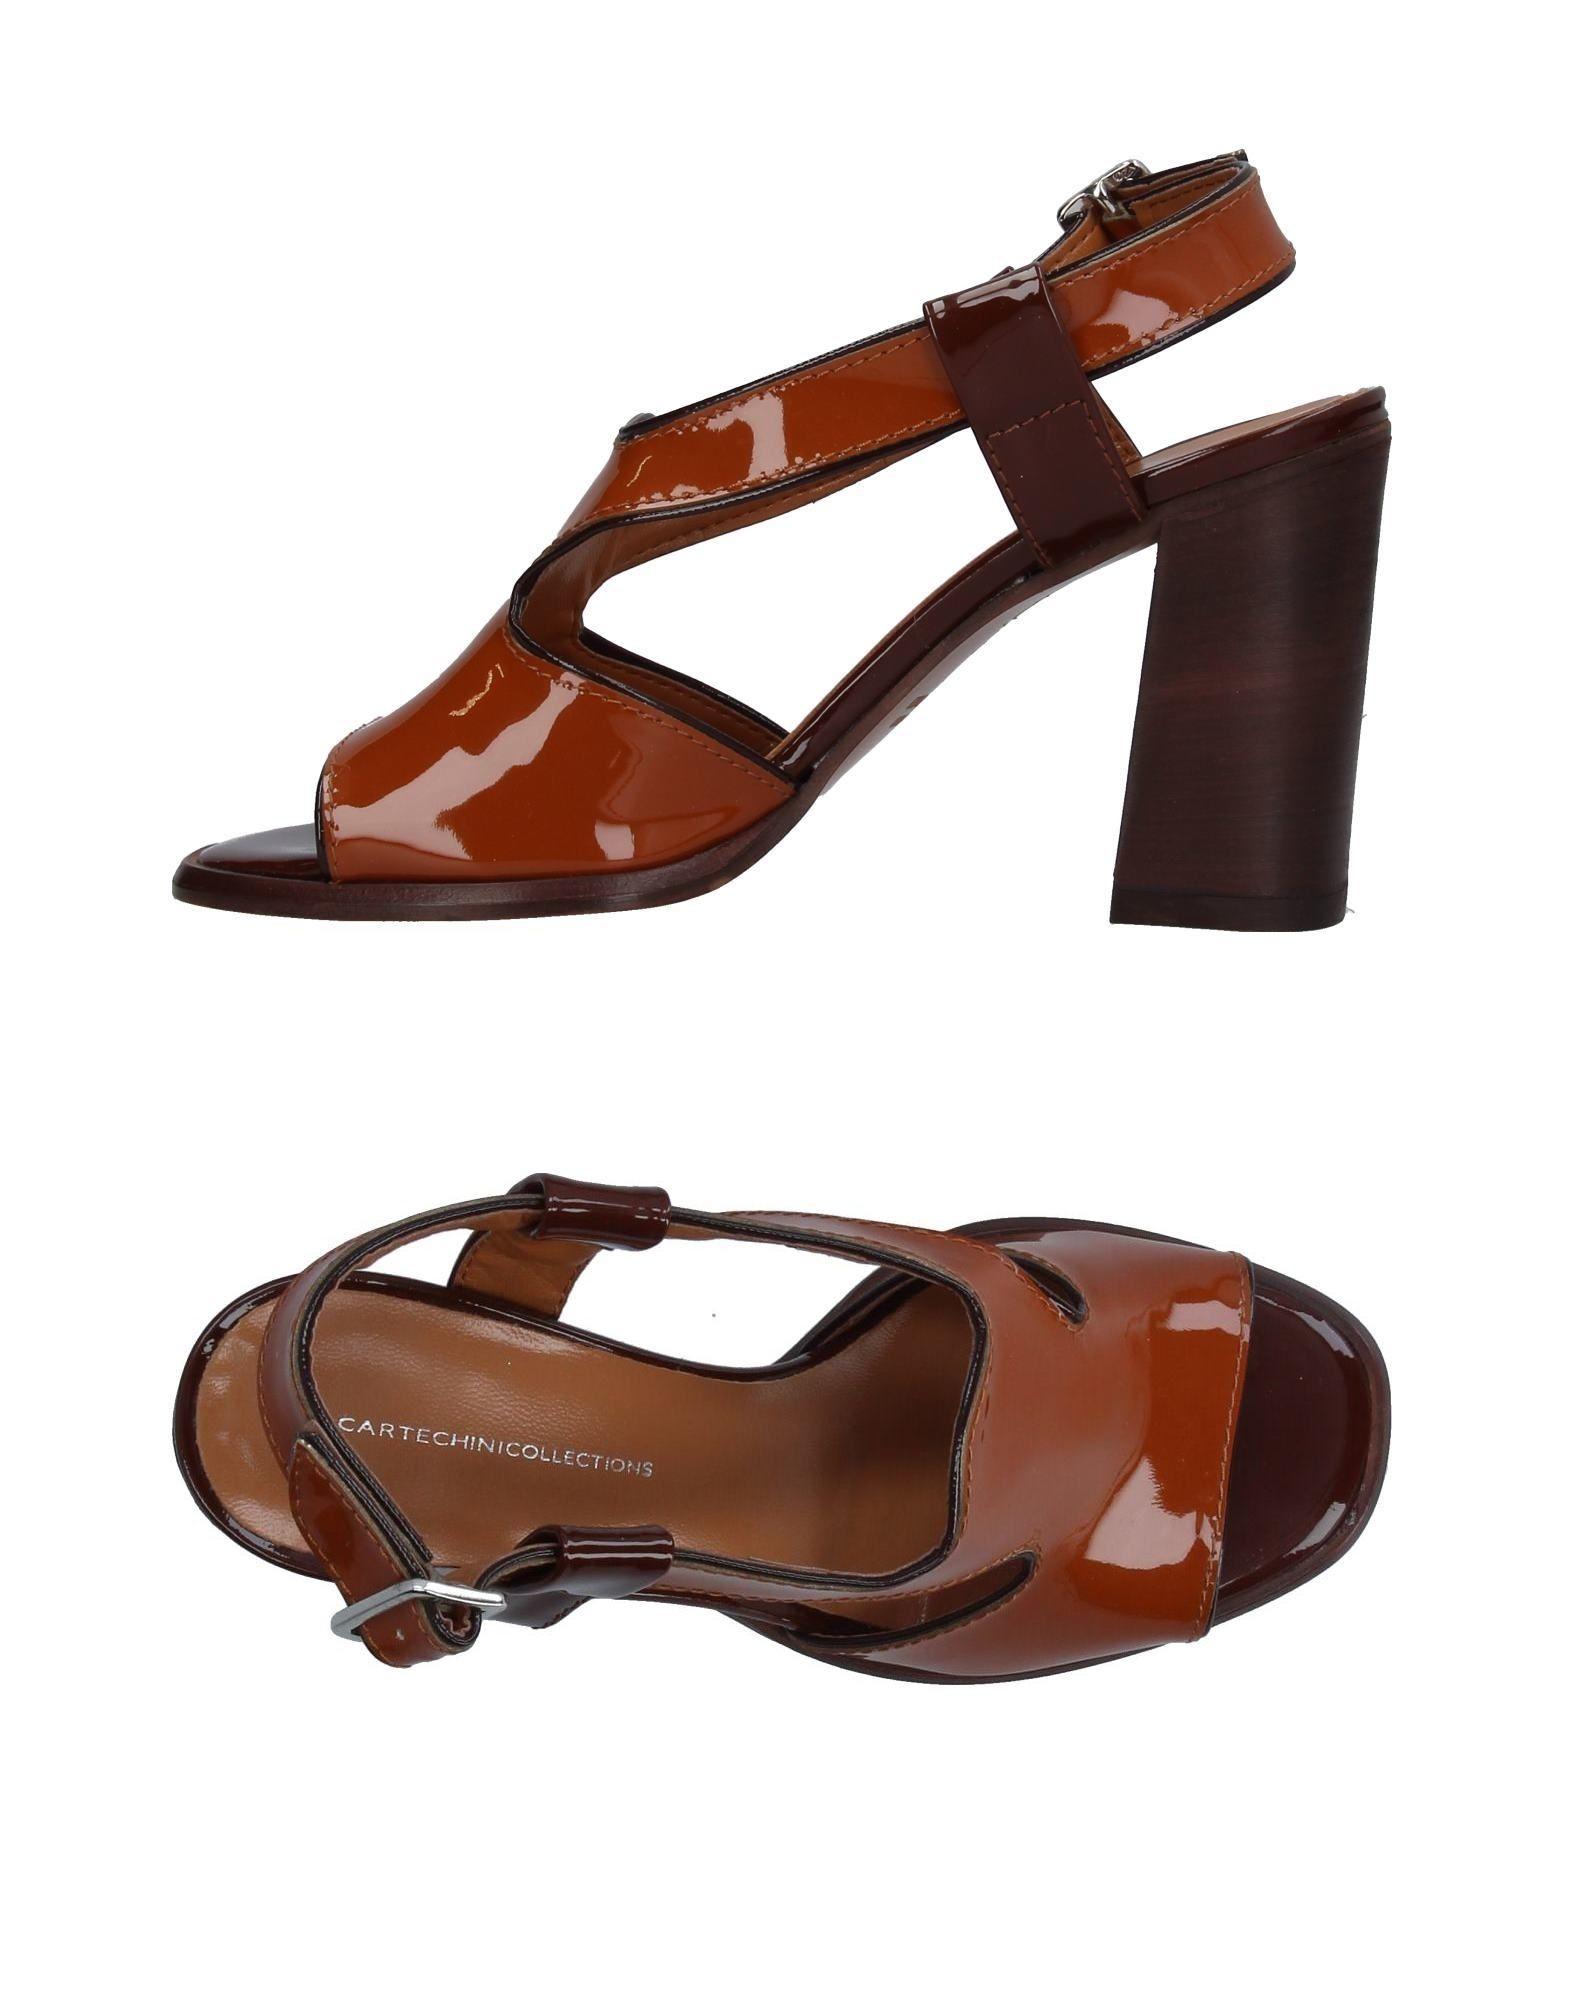 Sandali Cartechini Donna - 11361197TE Scarpe economiche e buone